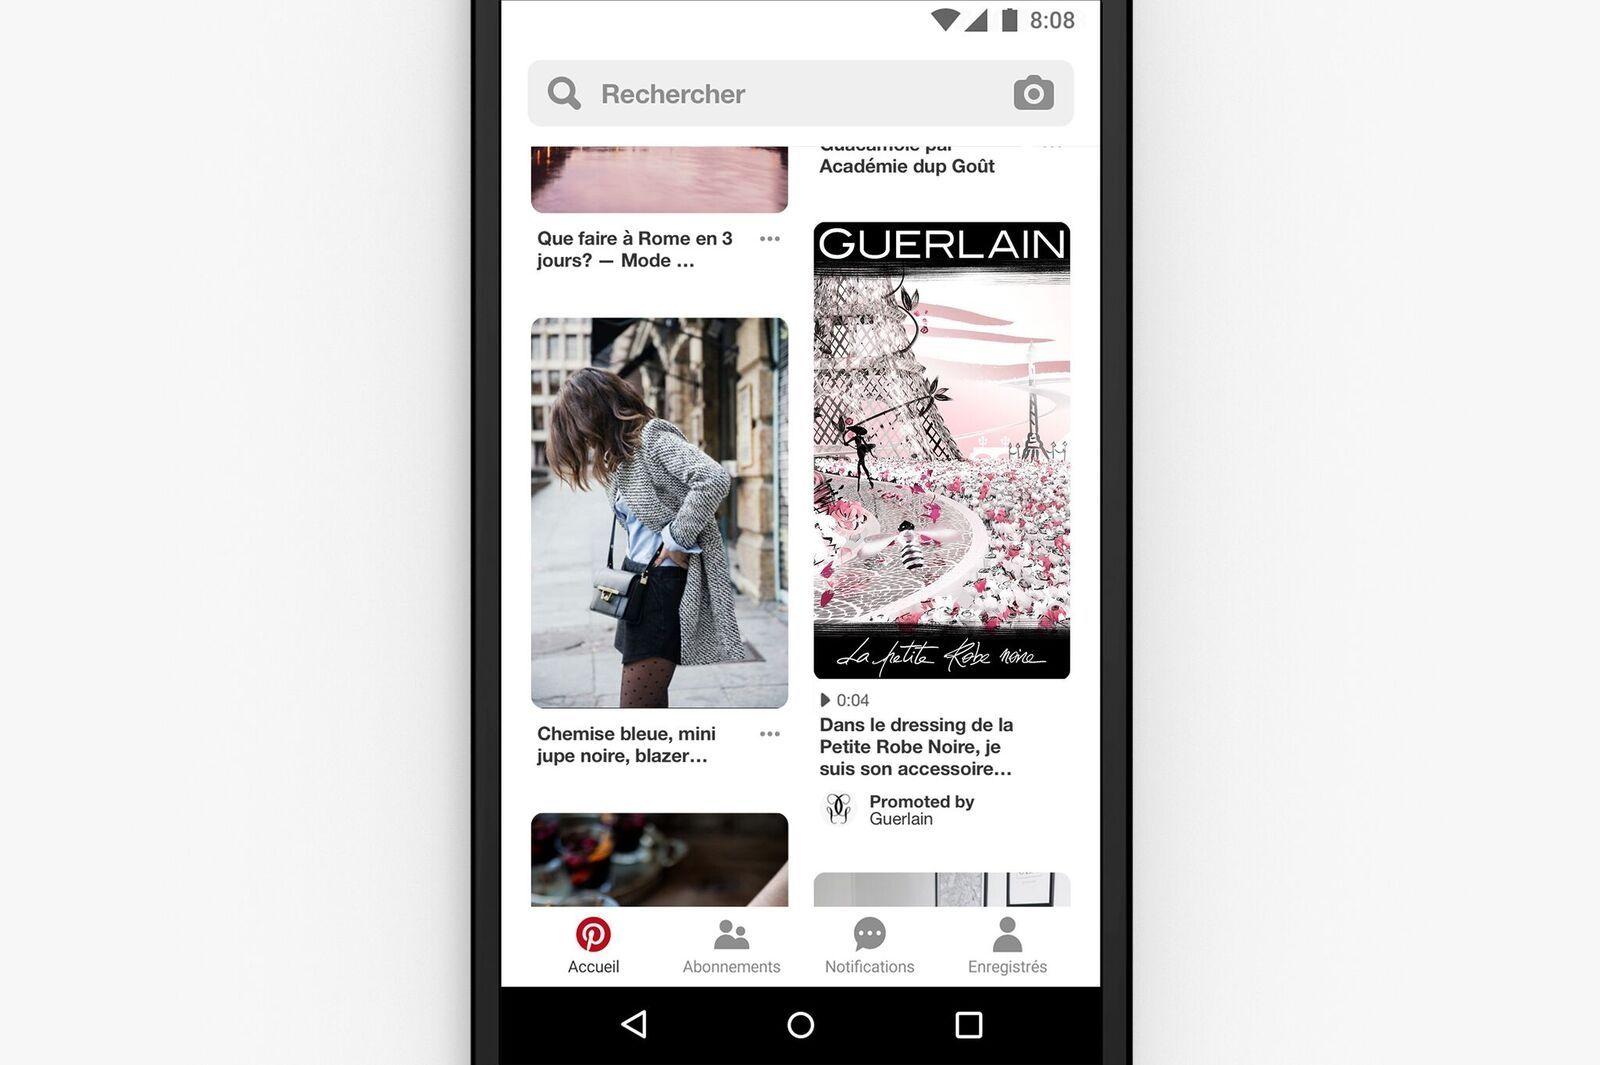 Sa Ouvre Tous Les À Pinterest Plateforme Publicitaire Annonceurs WEH9D2I